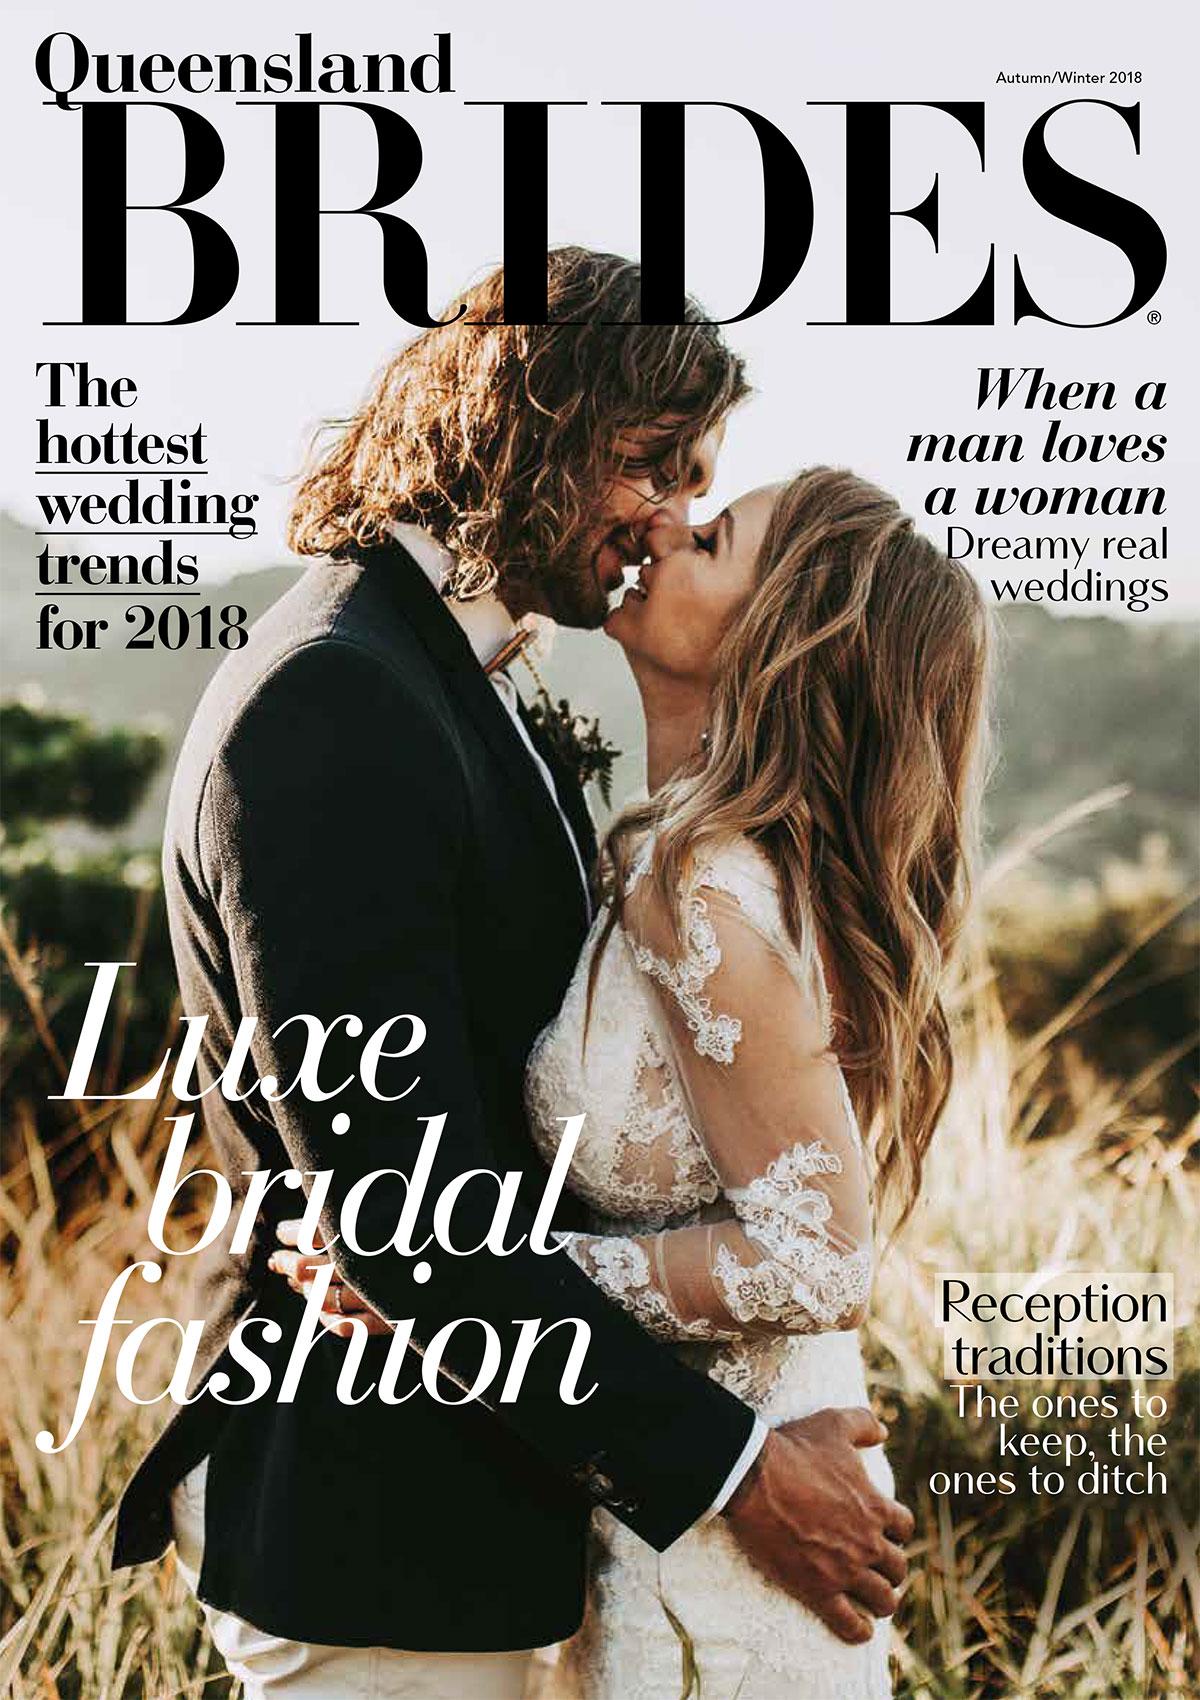 Queensland Brides - Autumn Winter 2018